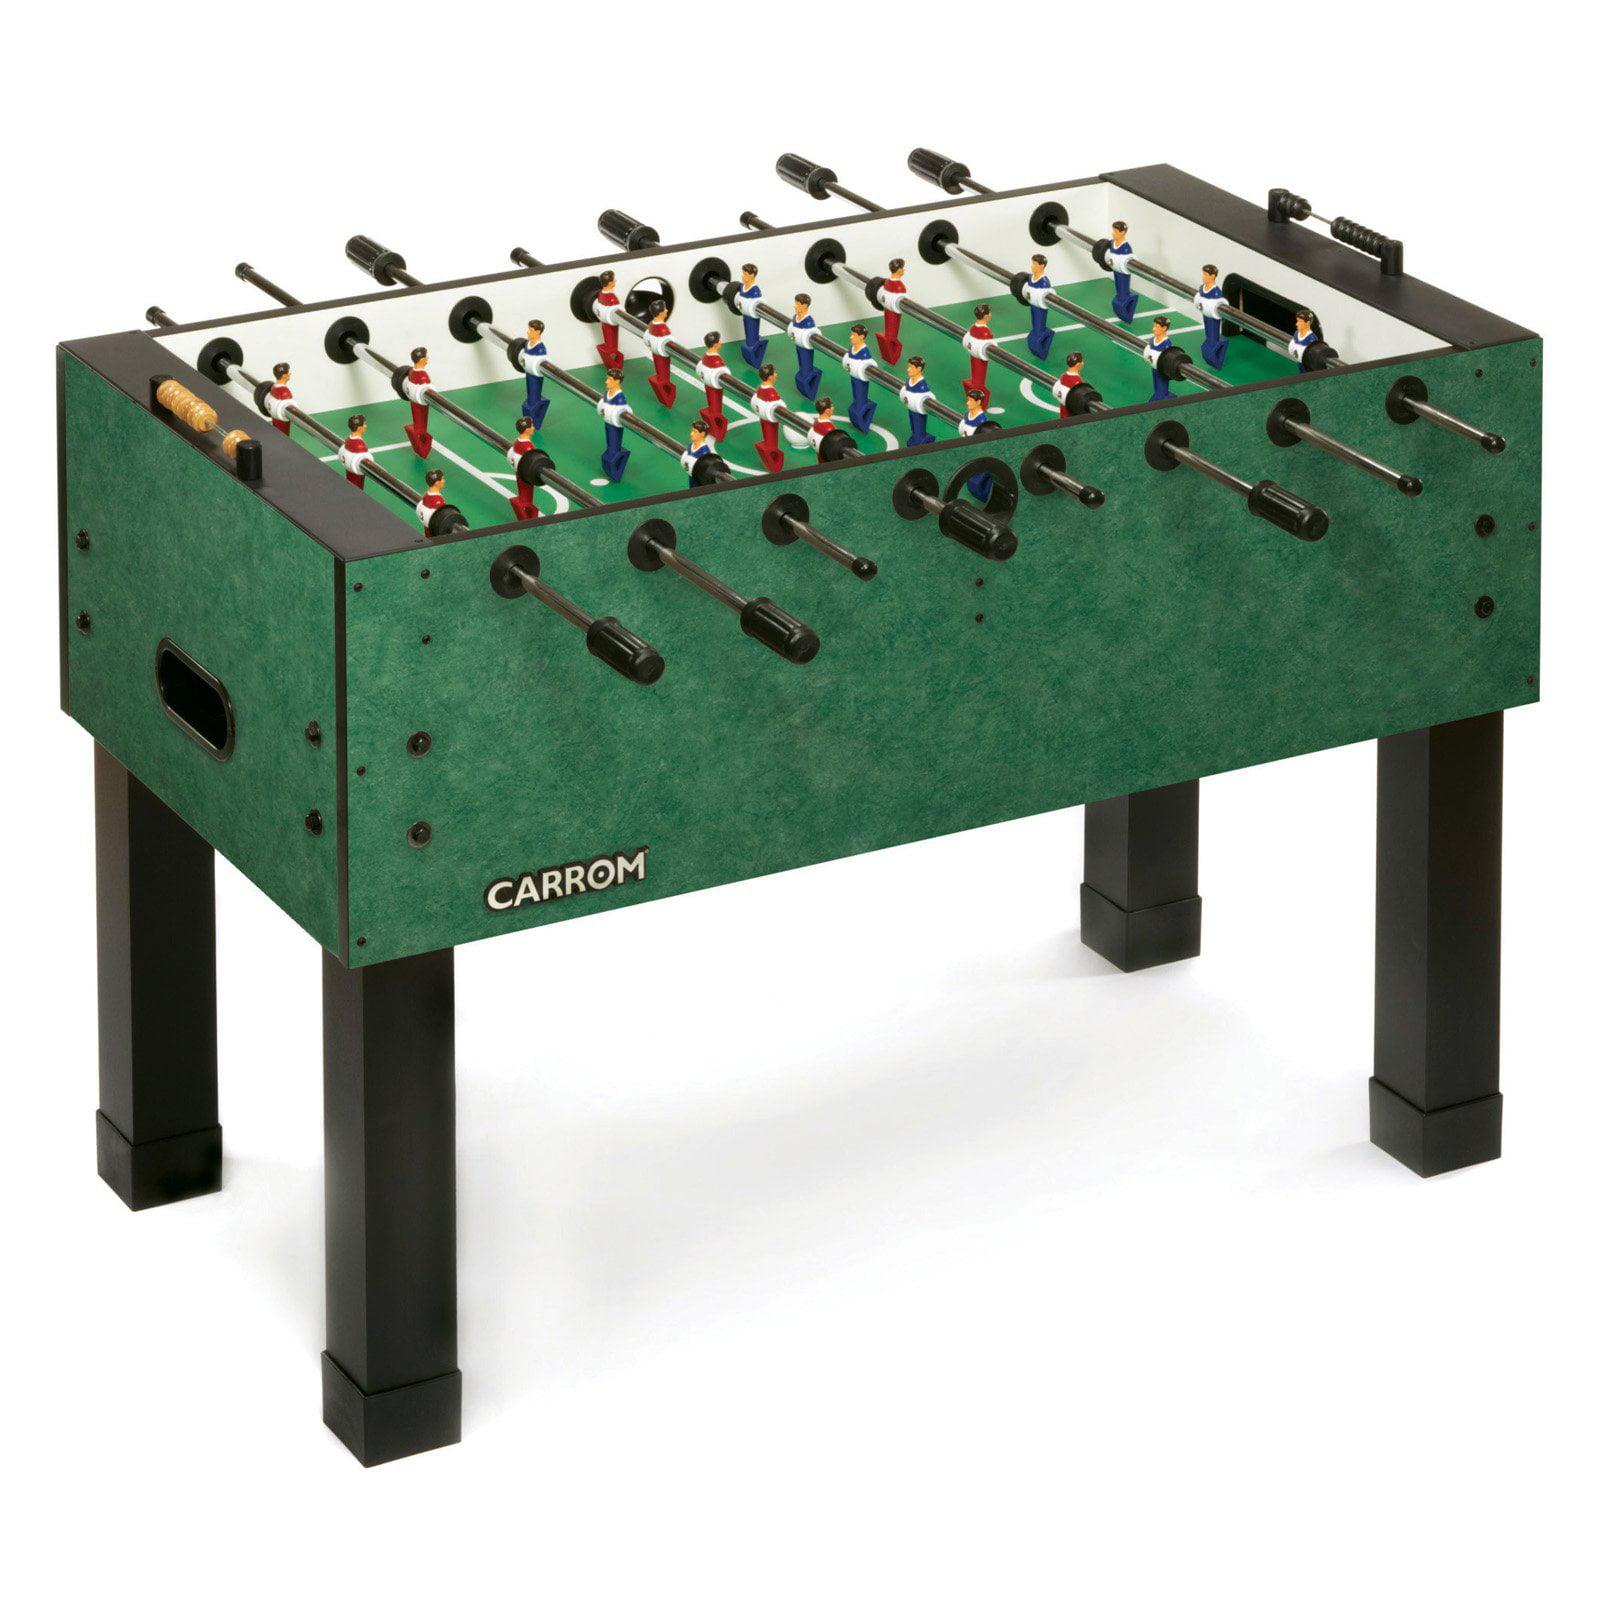 Carrom Aegean Fresco 55 in. Foosball Table by Carrom (Drueke)